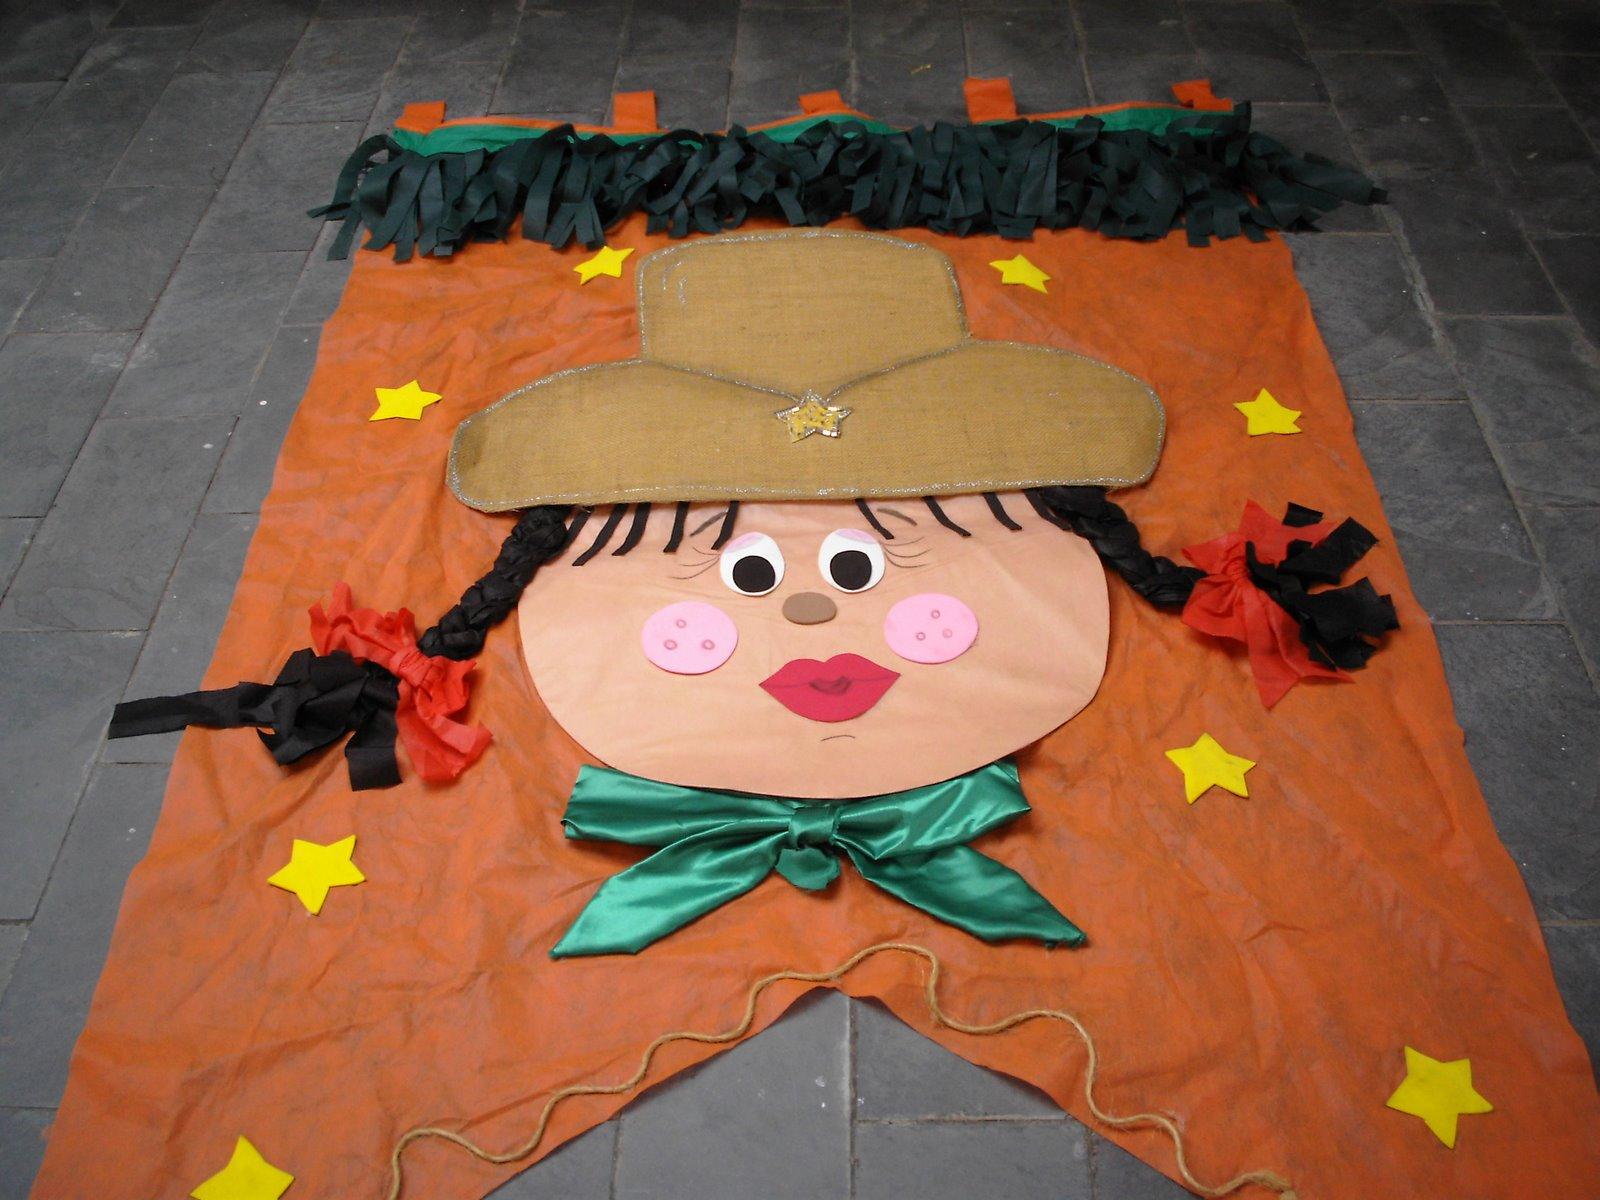 Pr u00f4 Carol Decoraç u00e3o Festa Juni # Decoração Tnt Festa Junina